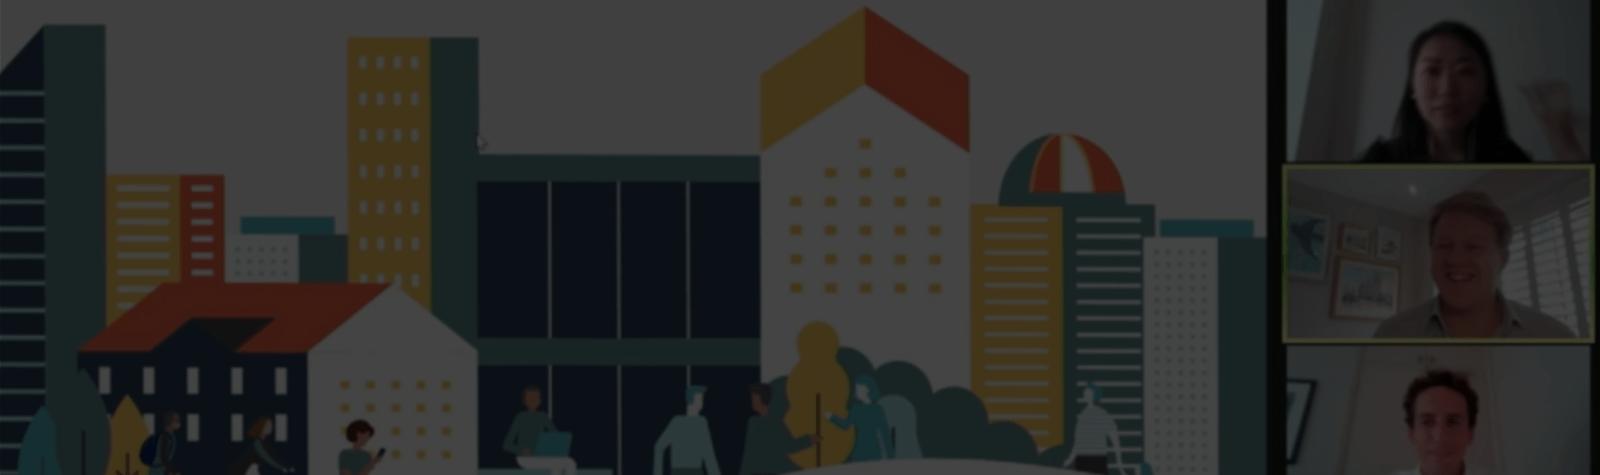 Hines Europe 2021 : Une équipe de The London Business School a remporté le concours